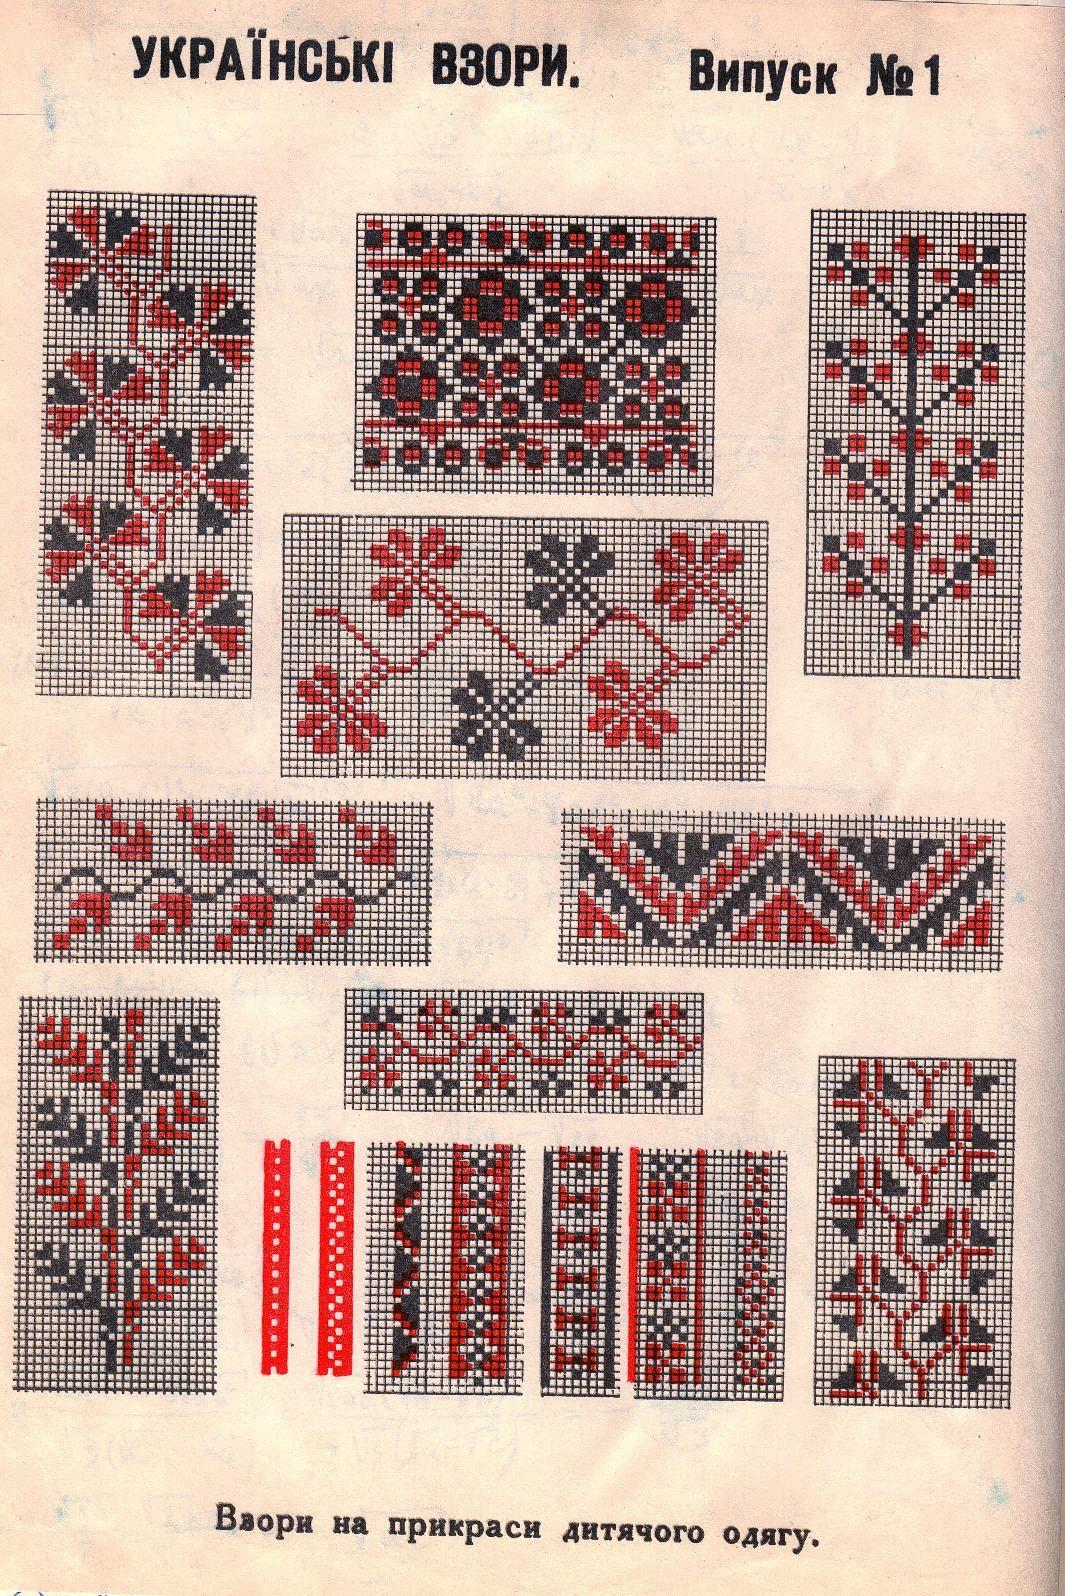 Орнаменты украинской вышивки крестом